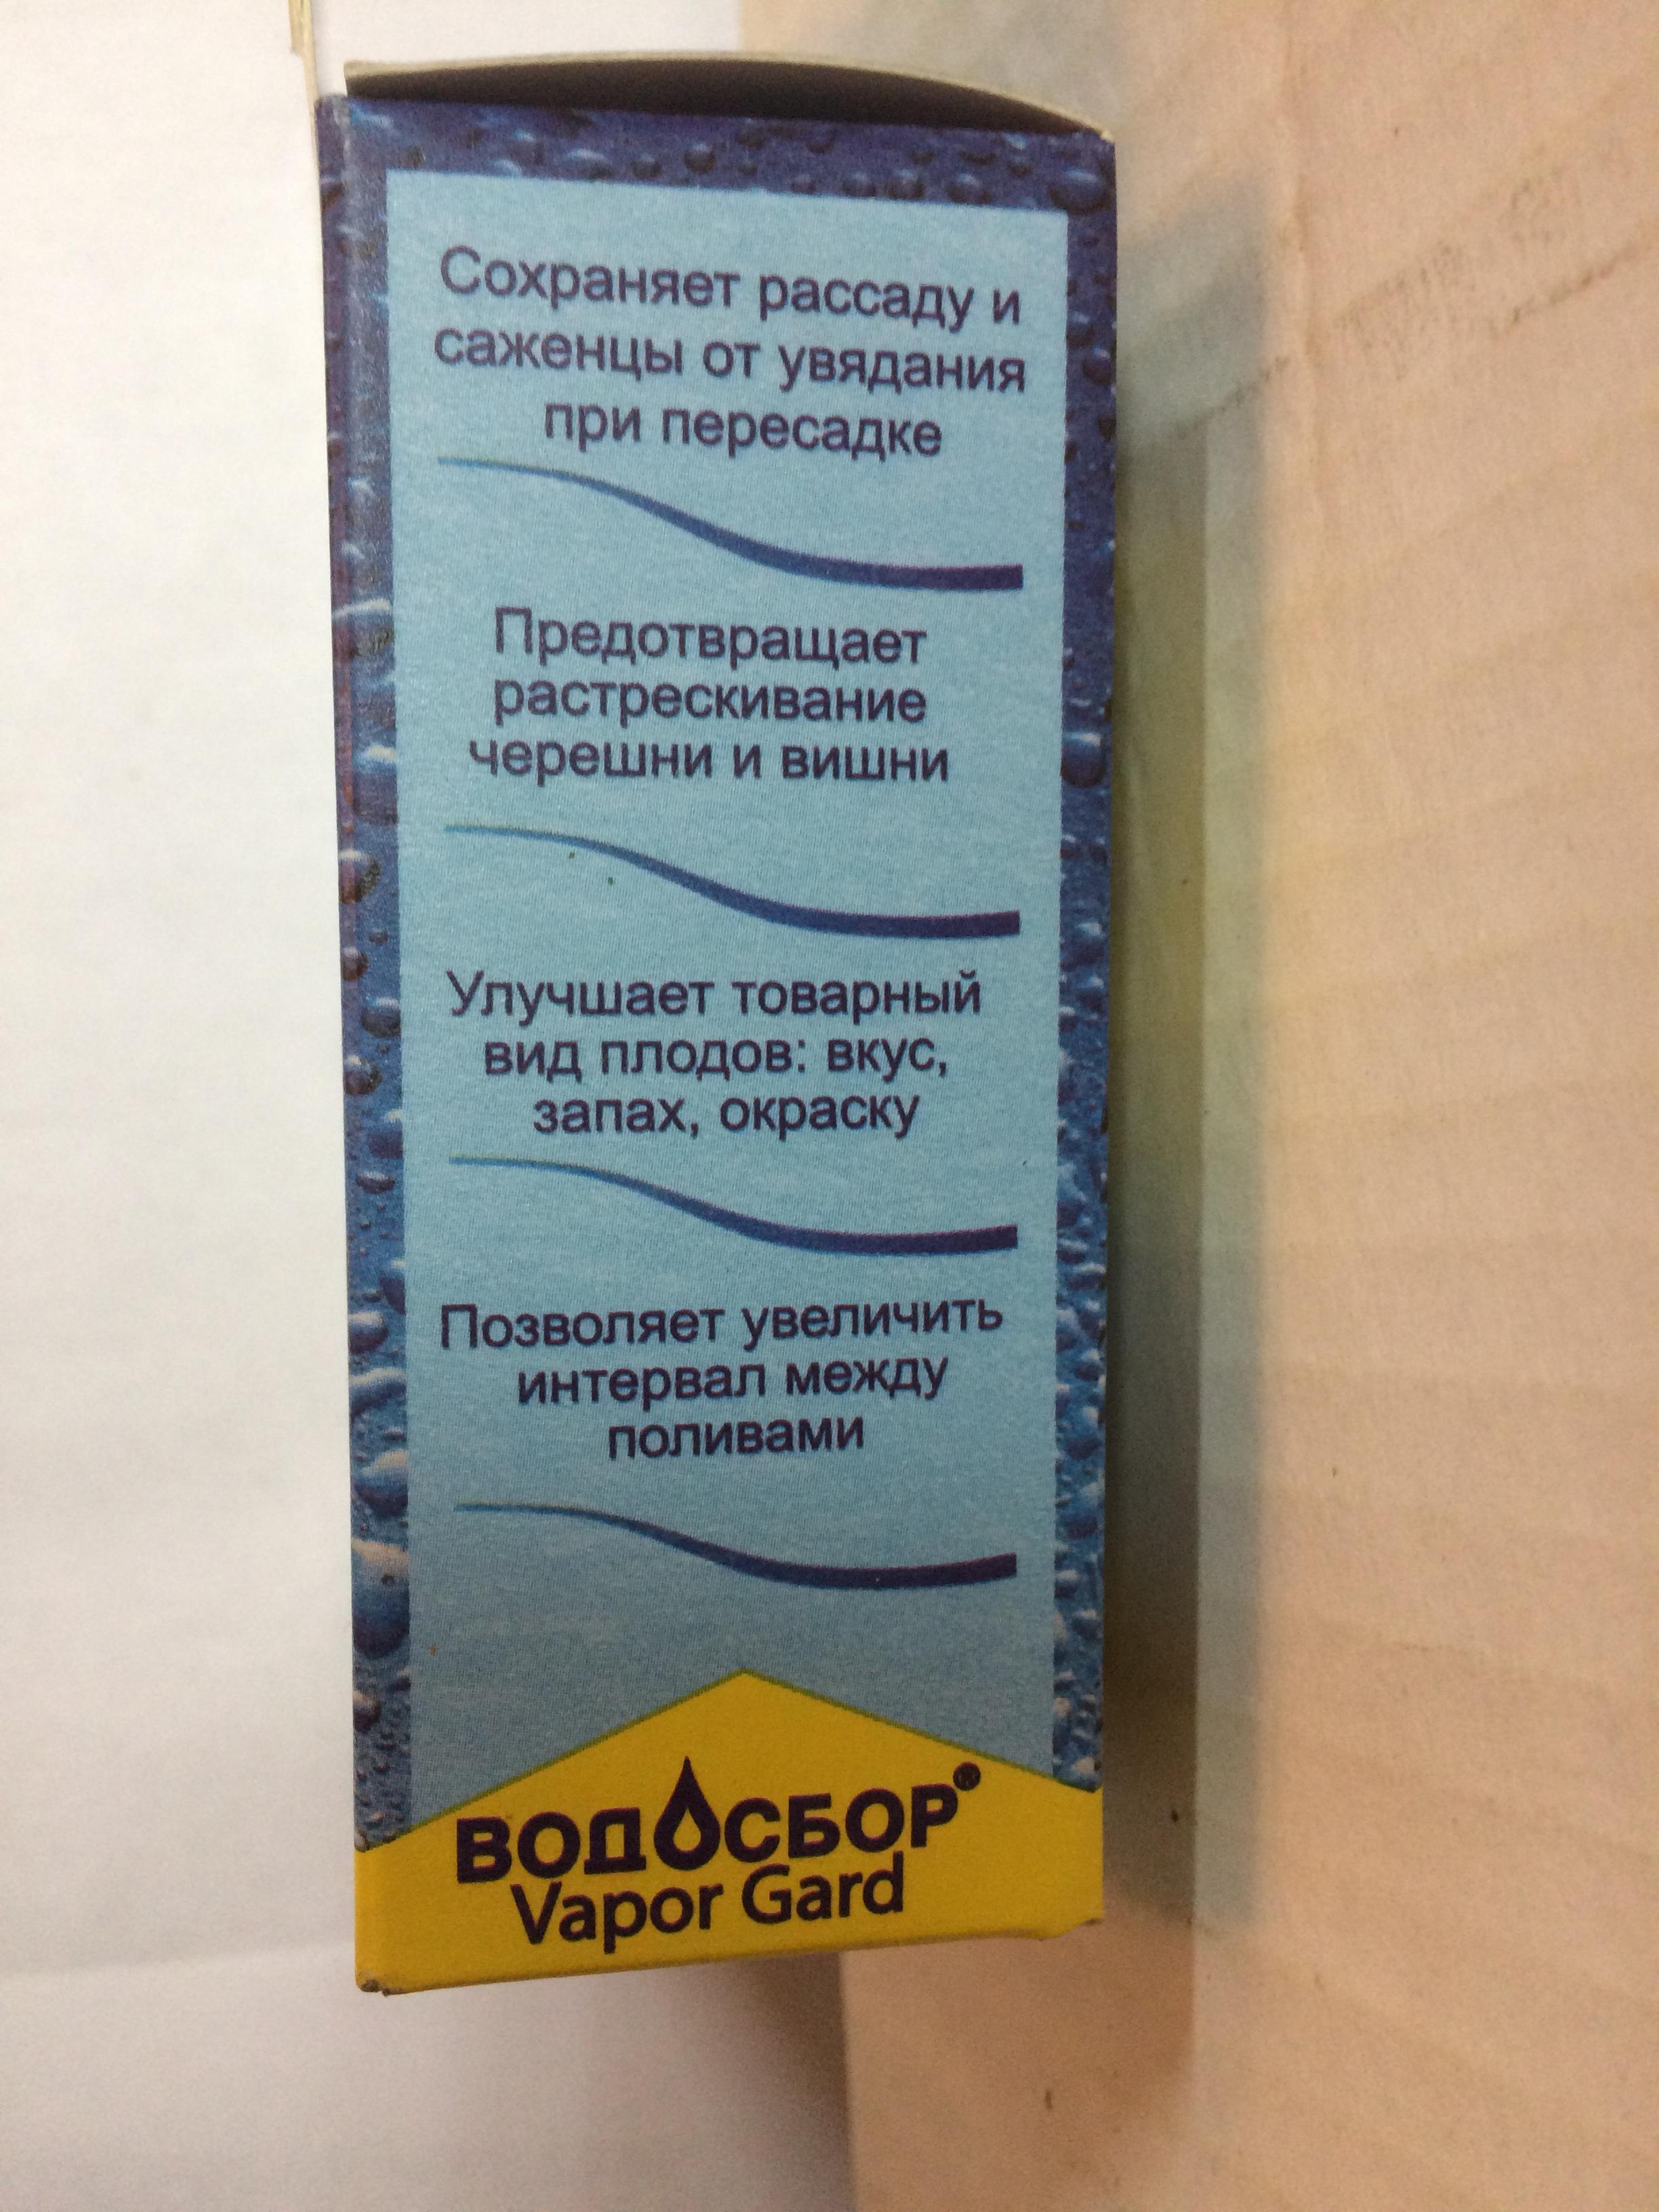 vodosbor (3)